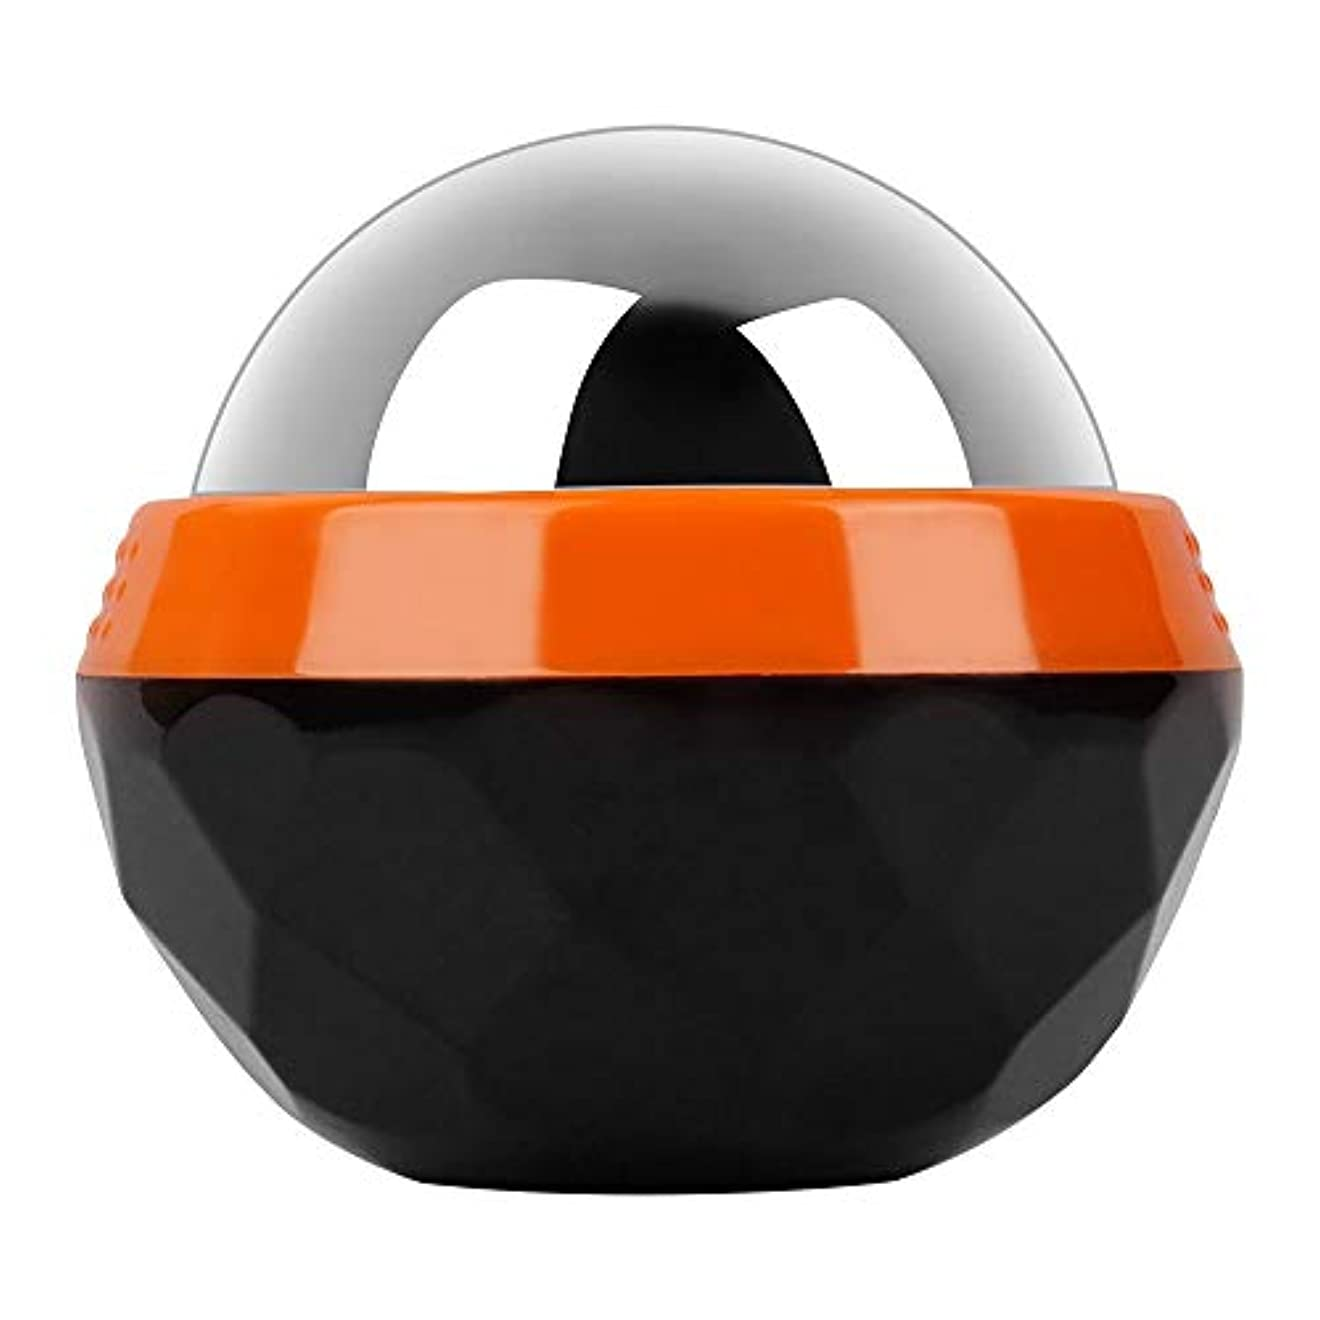 絶えず圧力気性GeTooコールドマッサージローラーボール-2.4インチの氷球は6時間冷たさを持続、アイスセラピーディープティッシュマッサージ、オレンジとブラック